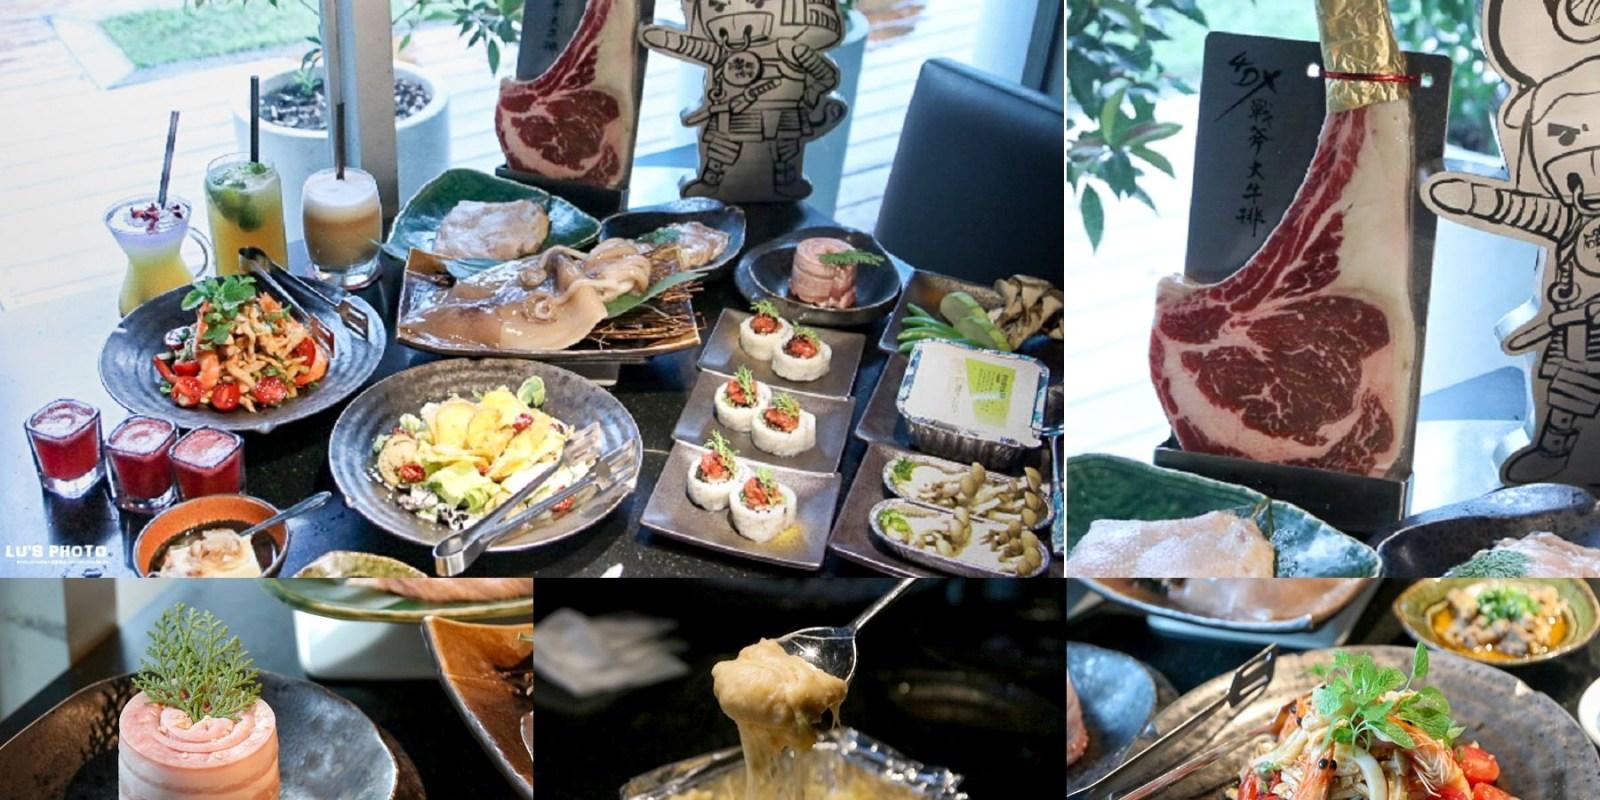 台南美食燒肉 過年團圓燒烤去!燒烤界的南霸天。過年期間限量日本近江牛!「碳佐麻里」|燒肉|聚餐|年菜|